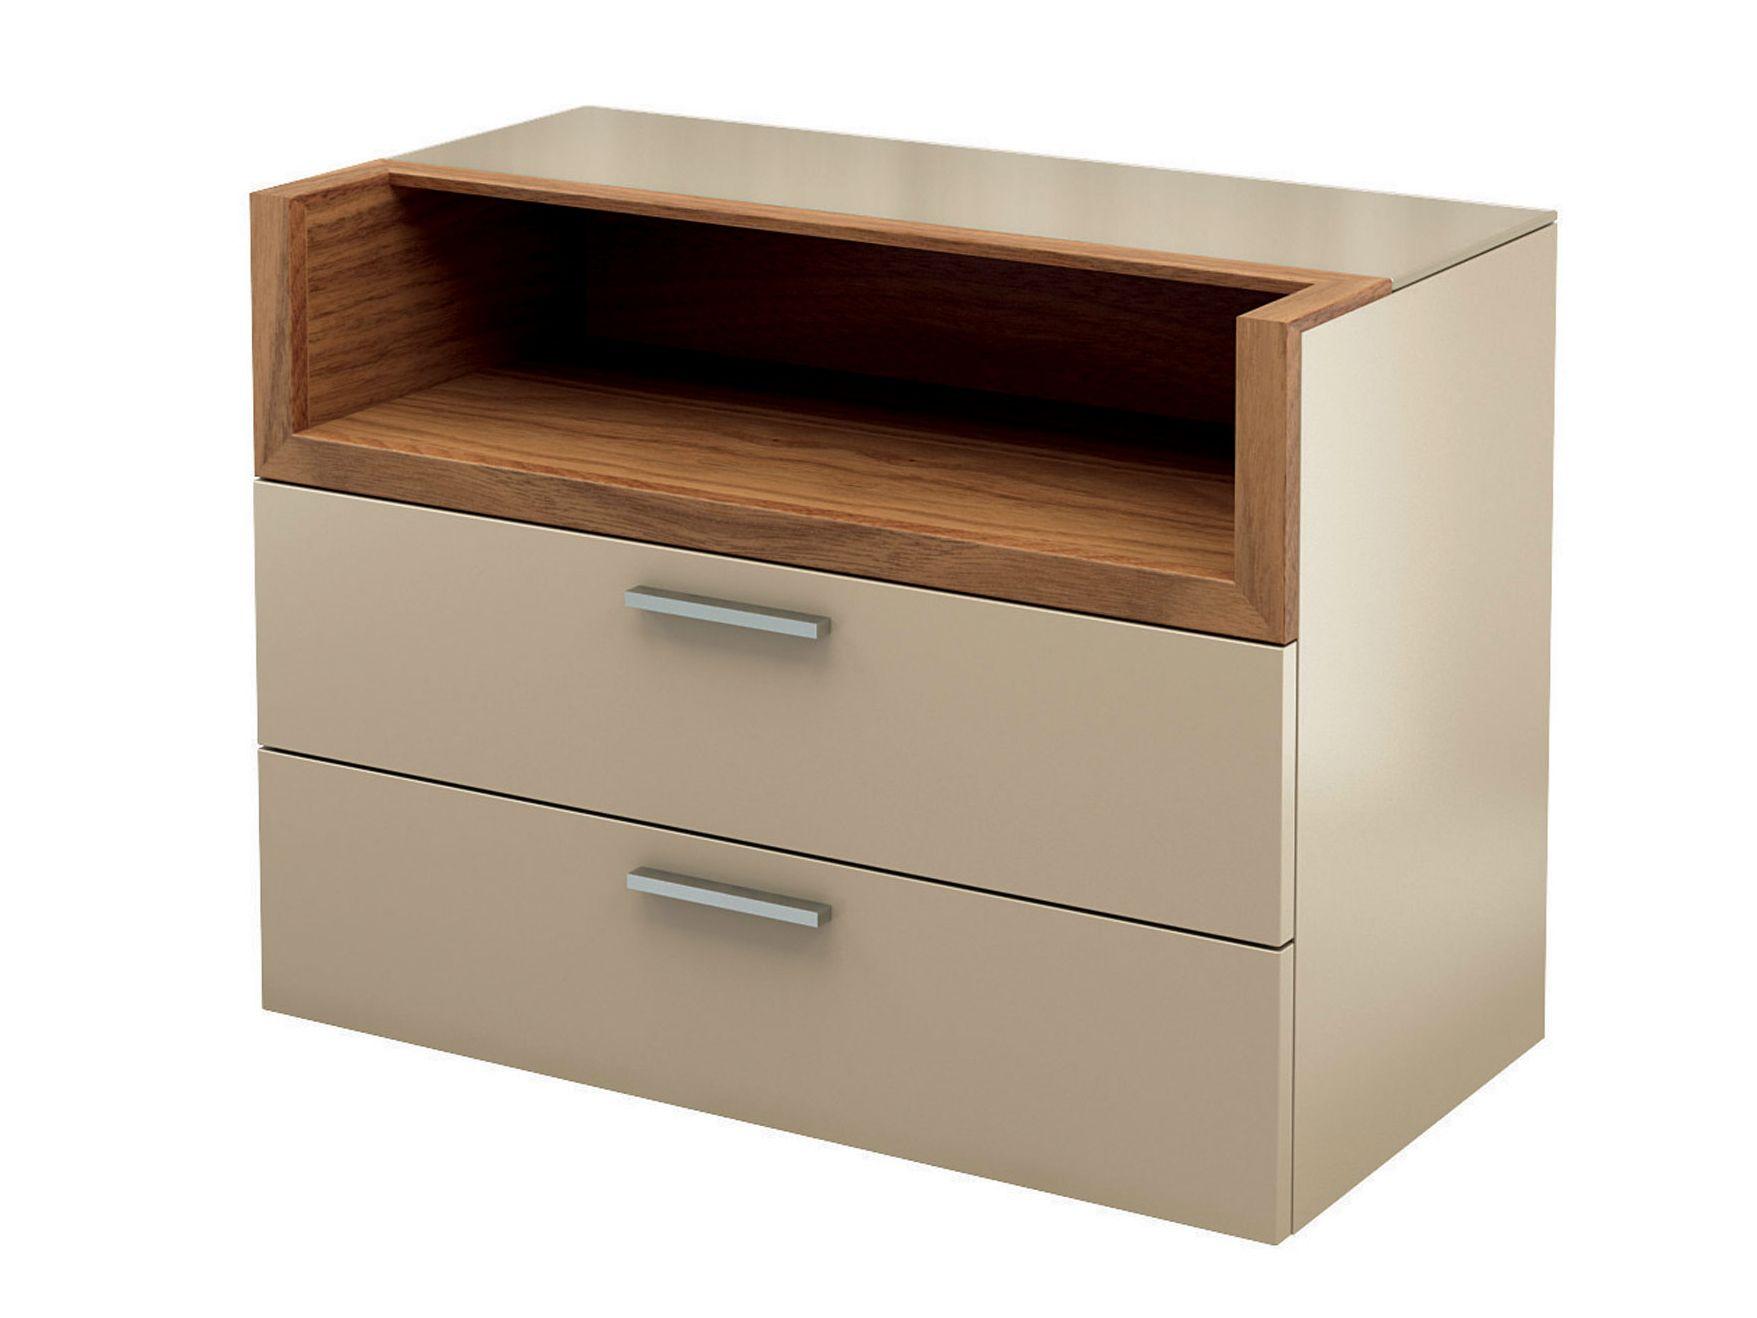 lackierter nachttisch mit schubladen kollektion multi. Black Bedroom Furniture Sets. Home Design Ideas